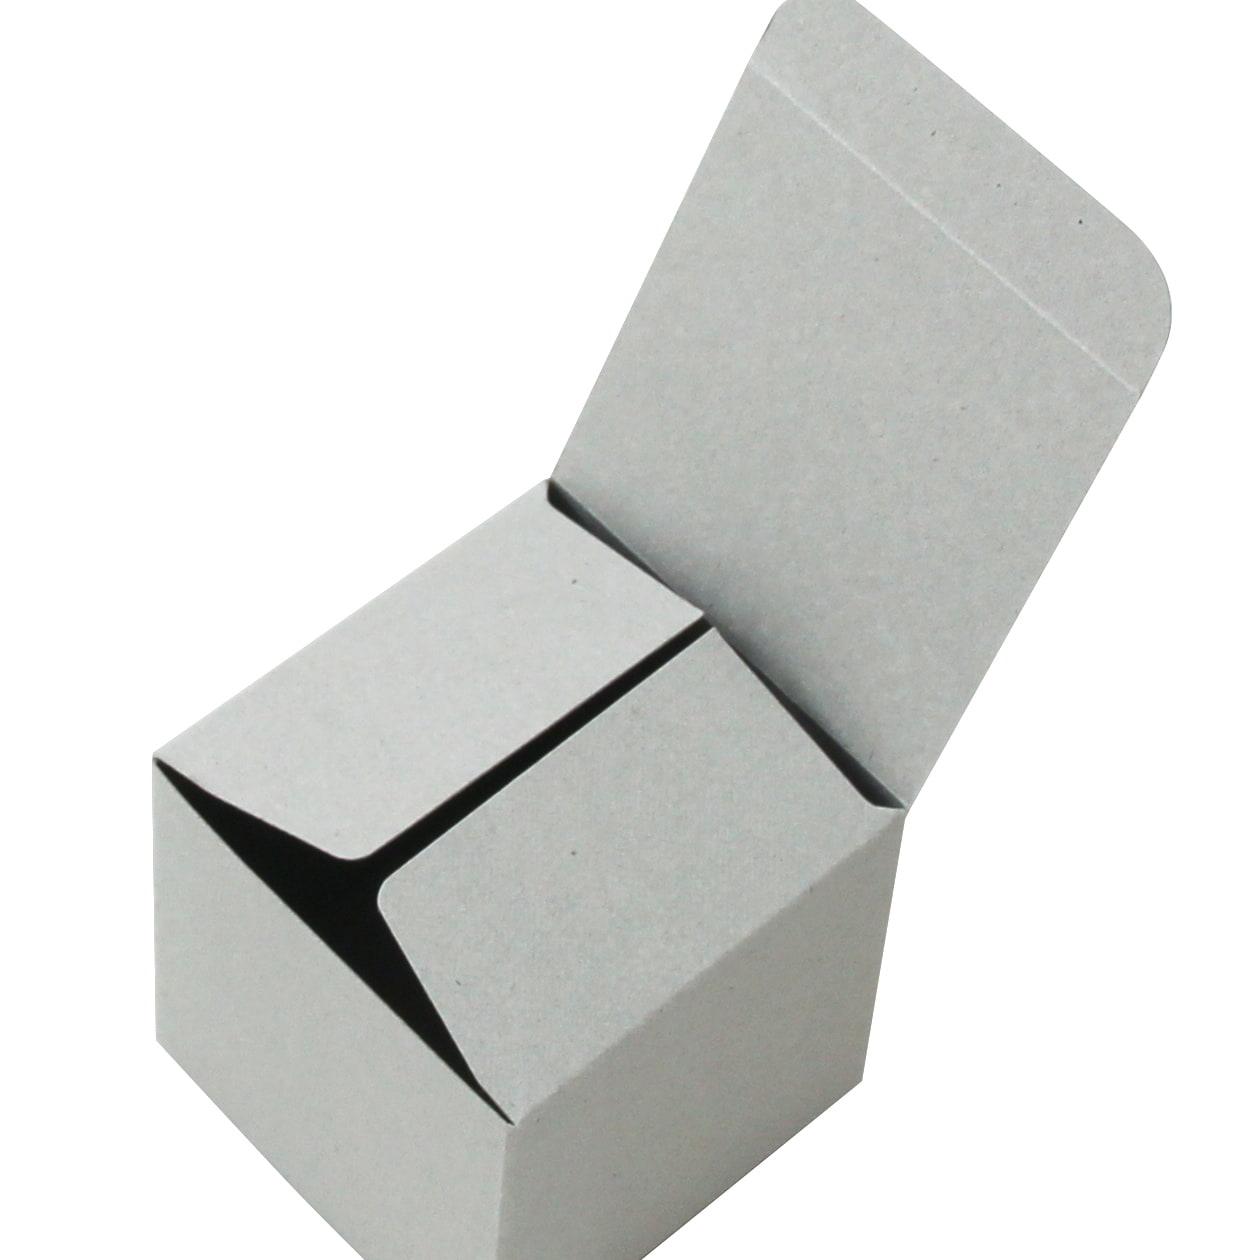 キャラメル箱60×60×60 ボード紙 グレー 270g